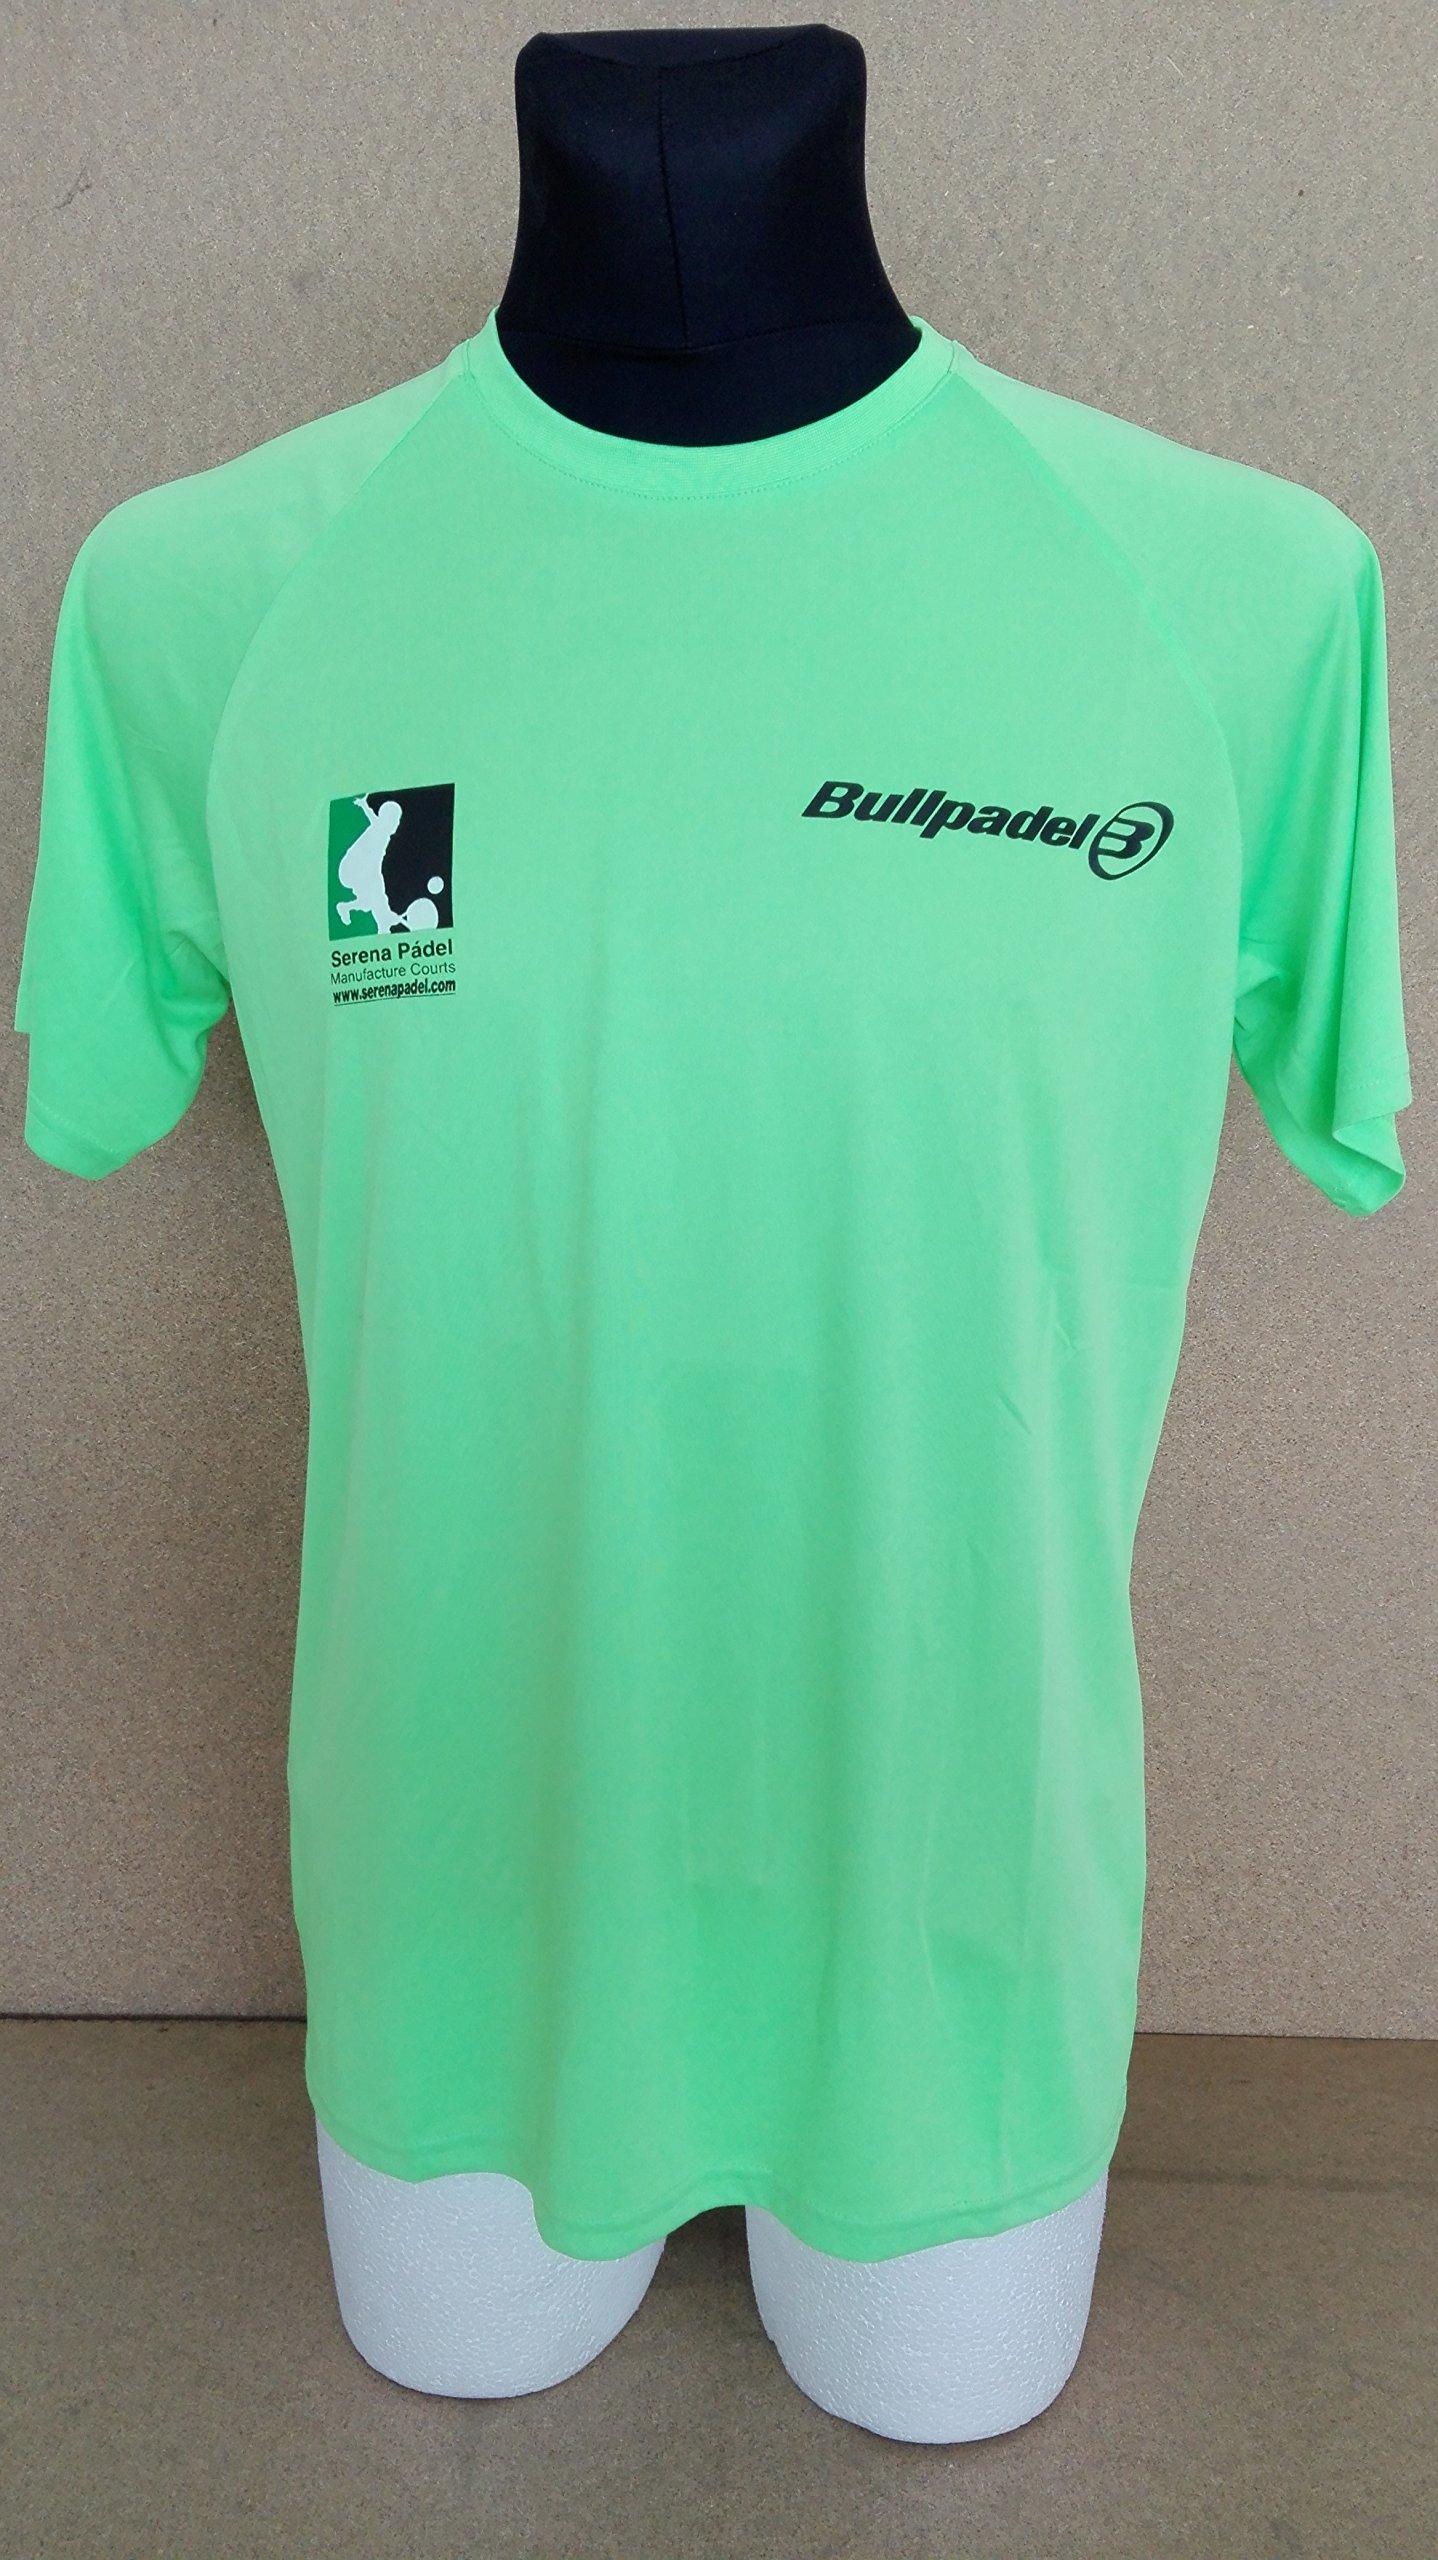 Camiseta BullPadel (L, Verde fluor): Amazon.es: Deportes y aire libre